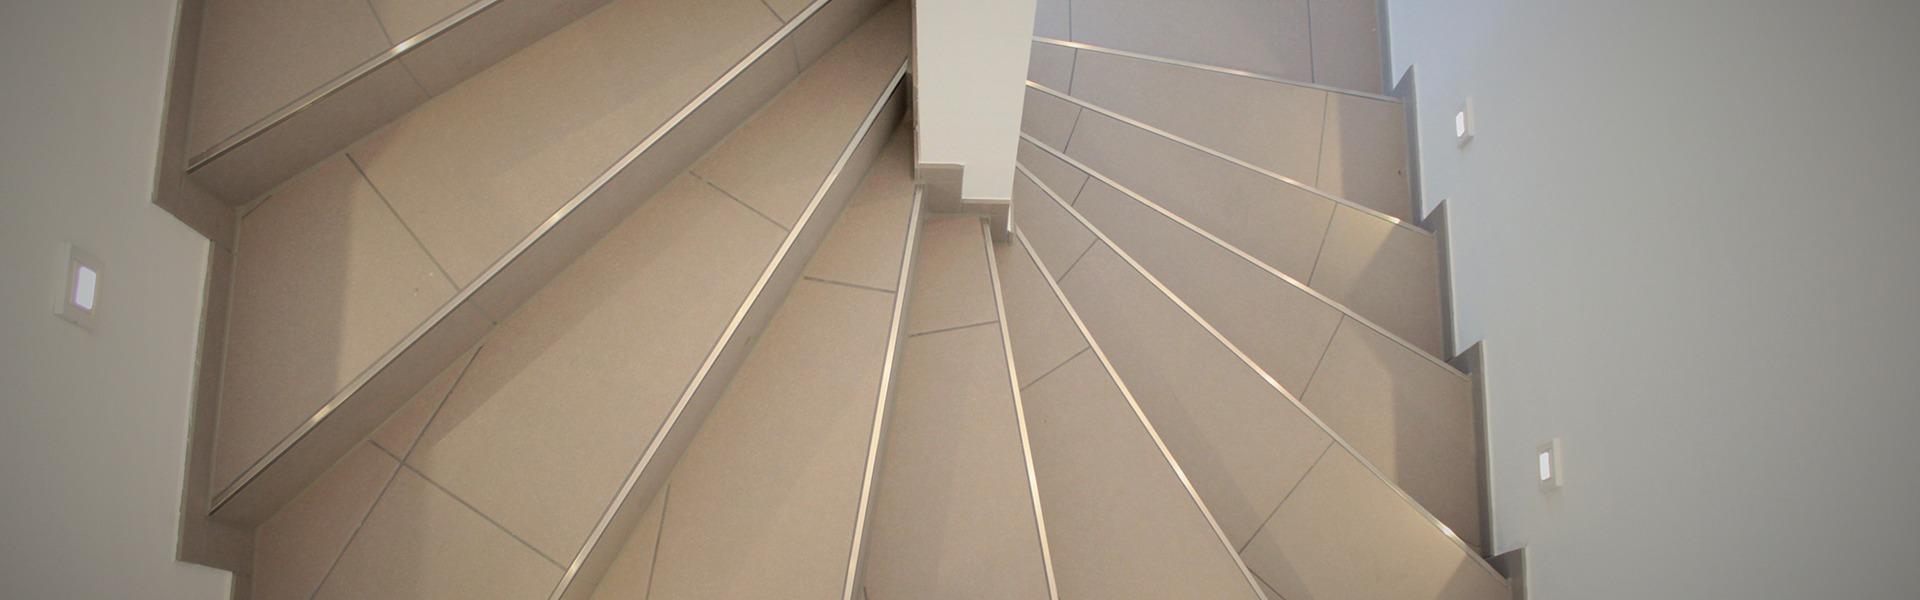 Treppenlicht, Stufenlicht